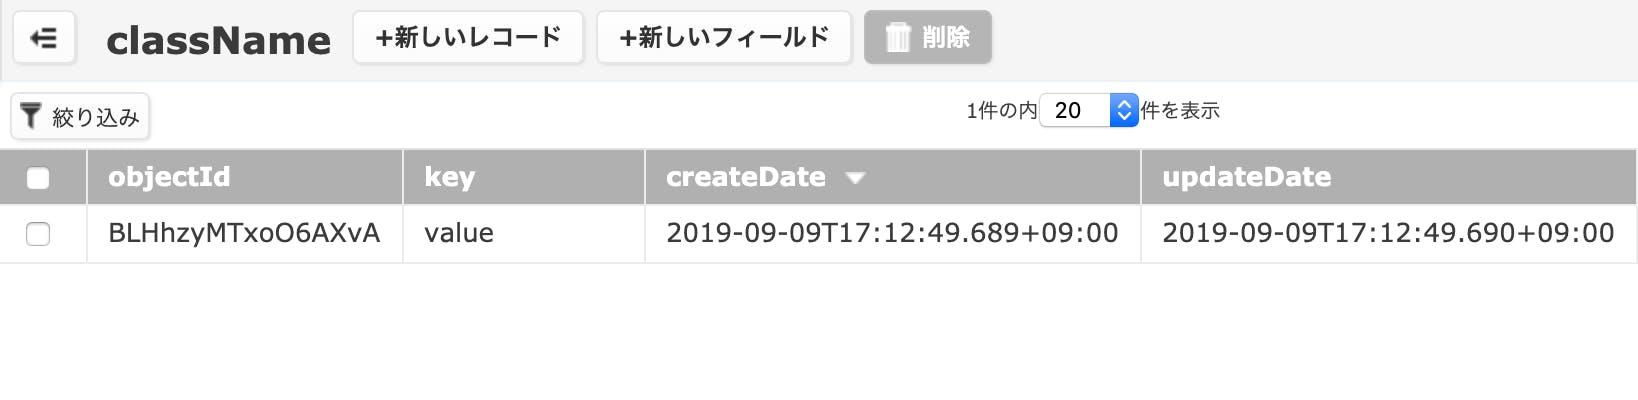 スクリーンショット 2019-09-09 17.13.04.png